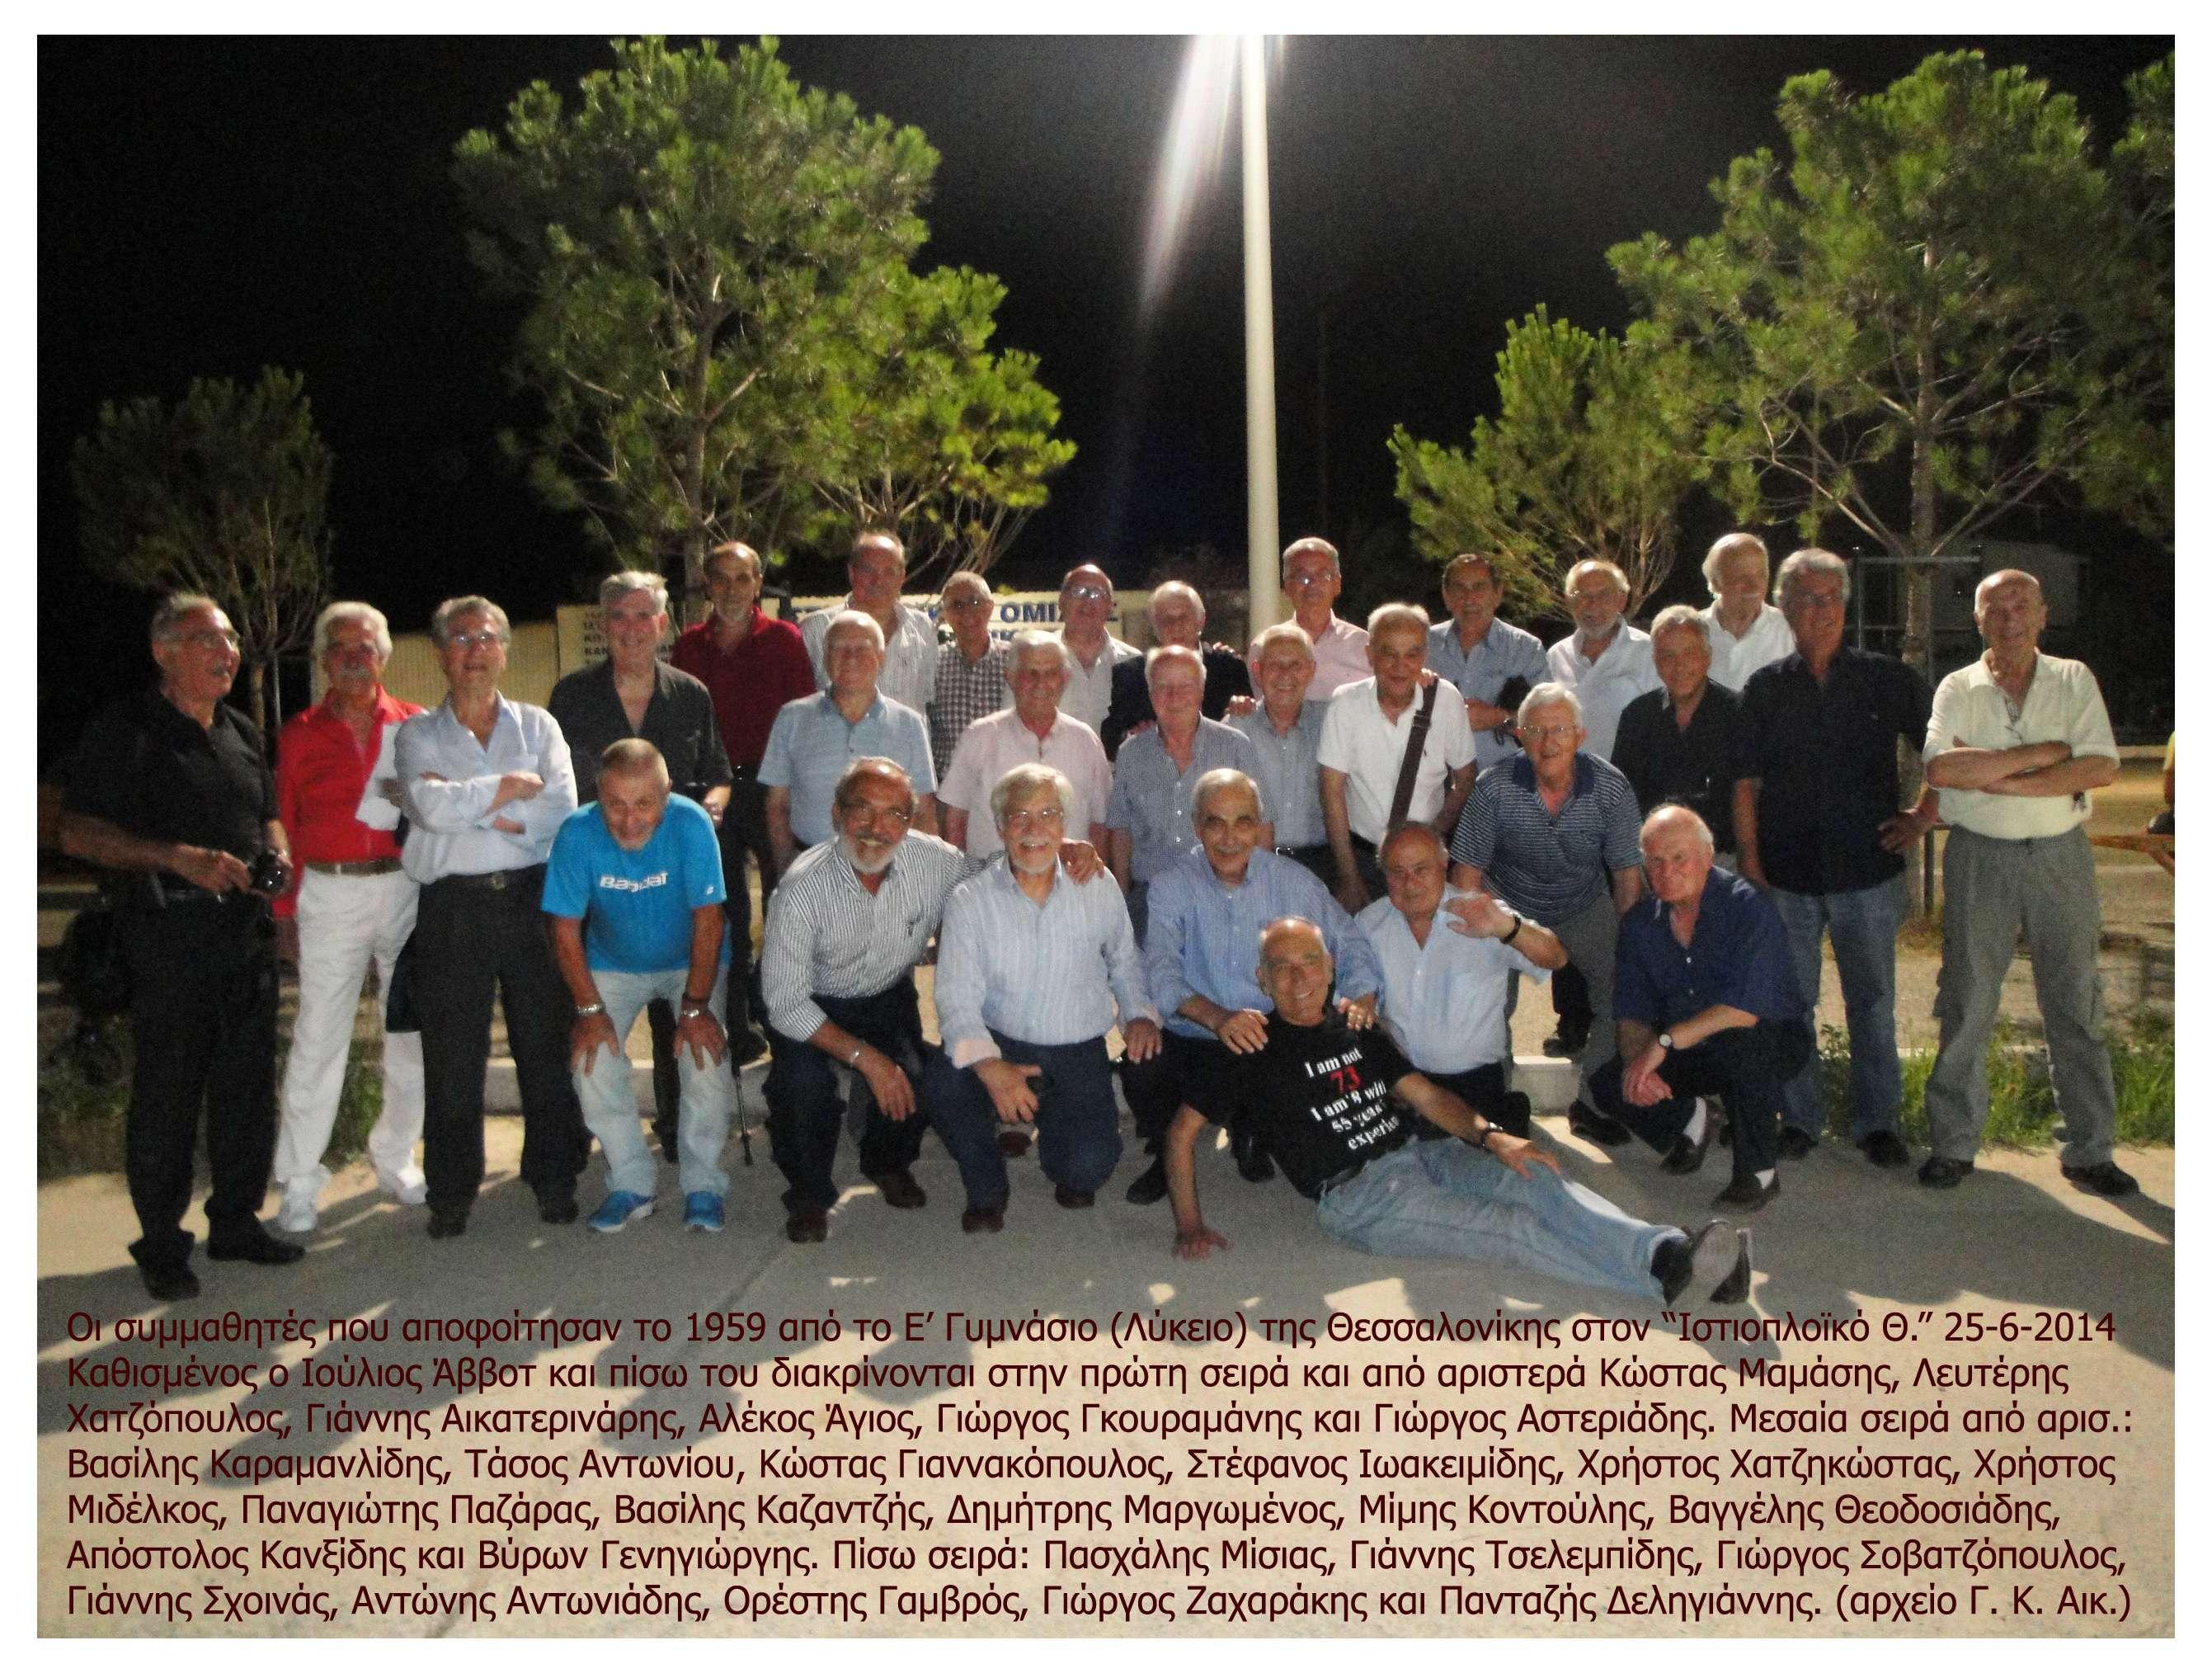 Αντάμωμα συμμαθητών που αποφοίτησαν το 1959 από το Ε' Θεσσαλονίκης